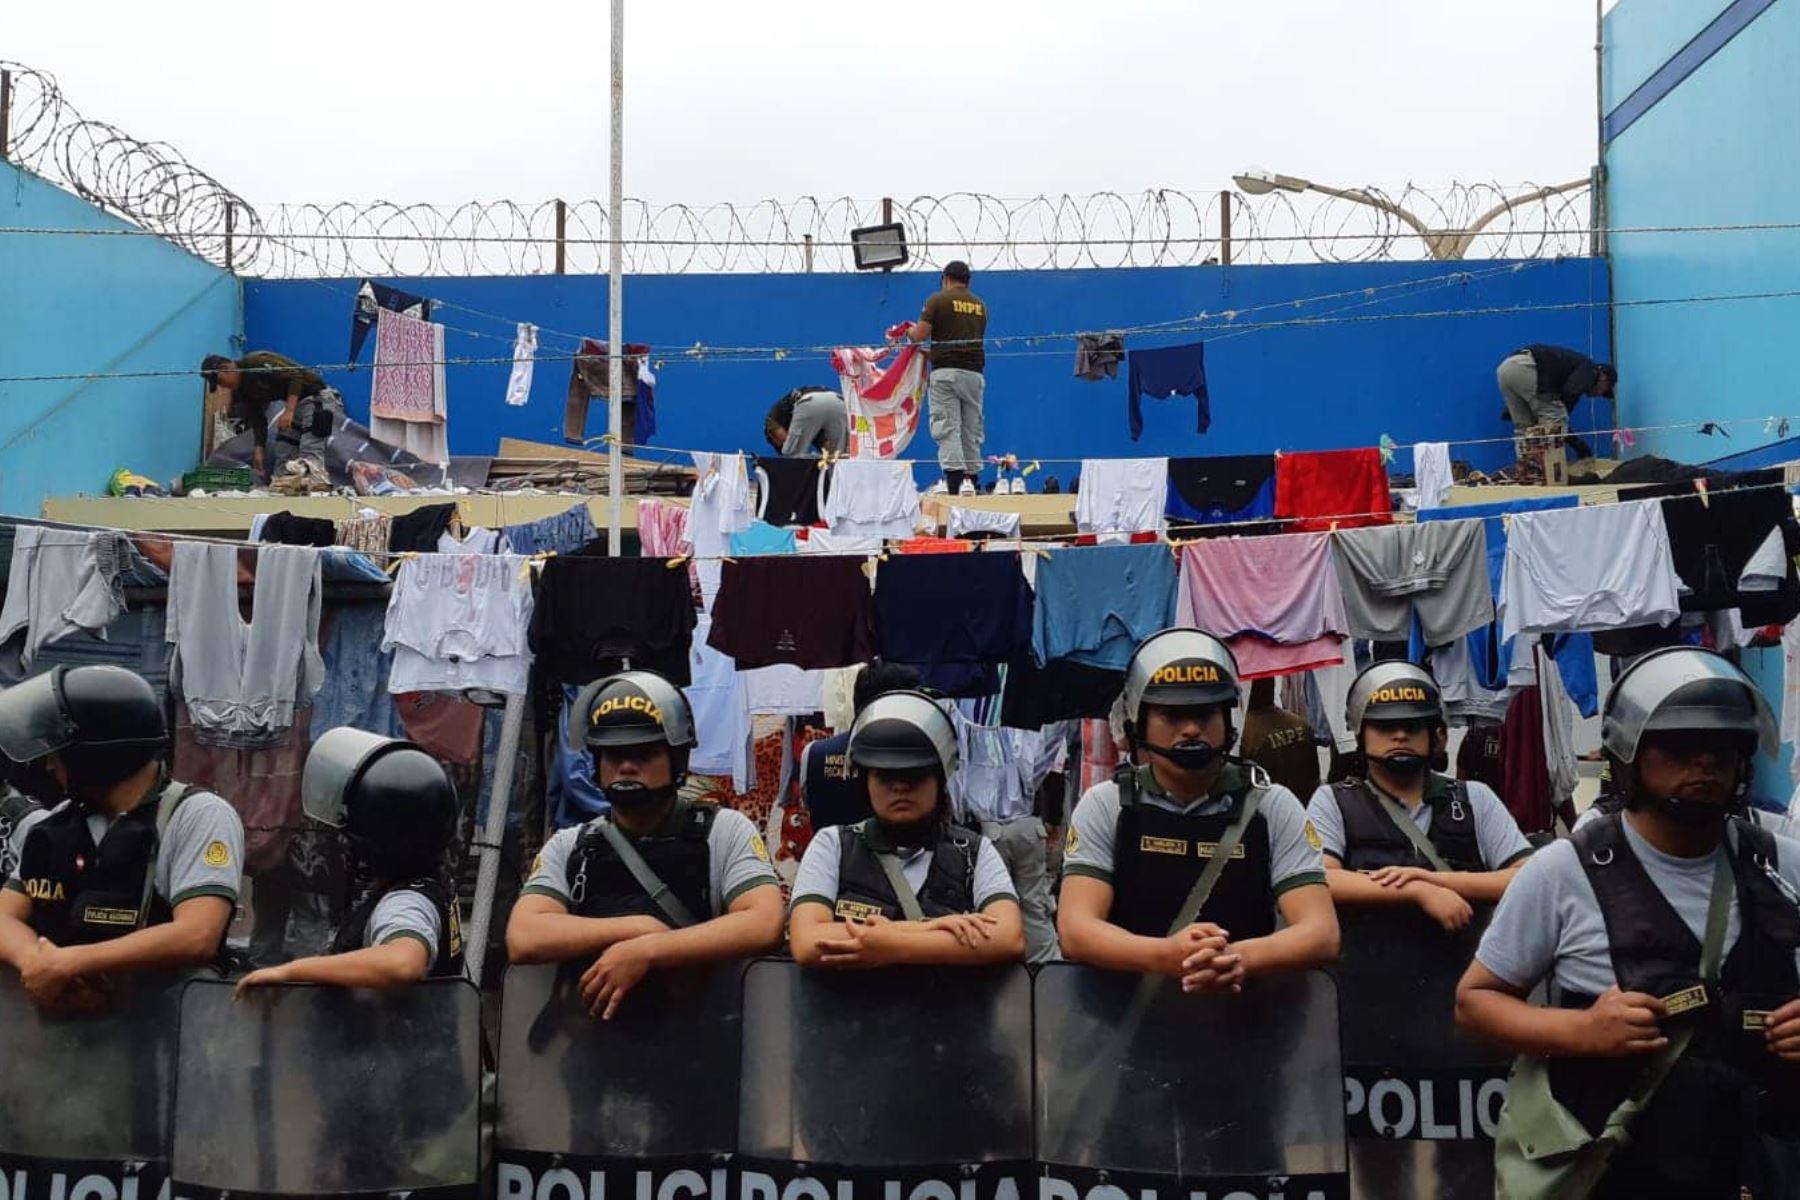 En requisa ejecutada en el penal Cambio Puente de Chimbote (Áncash), autoridades encontraron taladro y sierra metálica, entre otros objetos prohibidos.